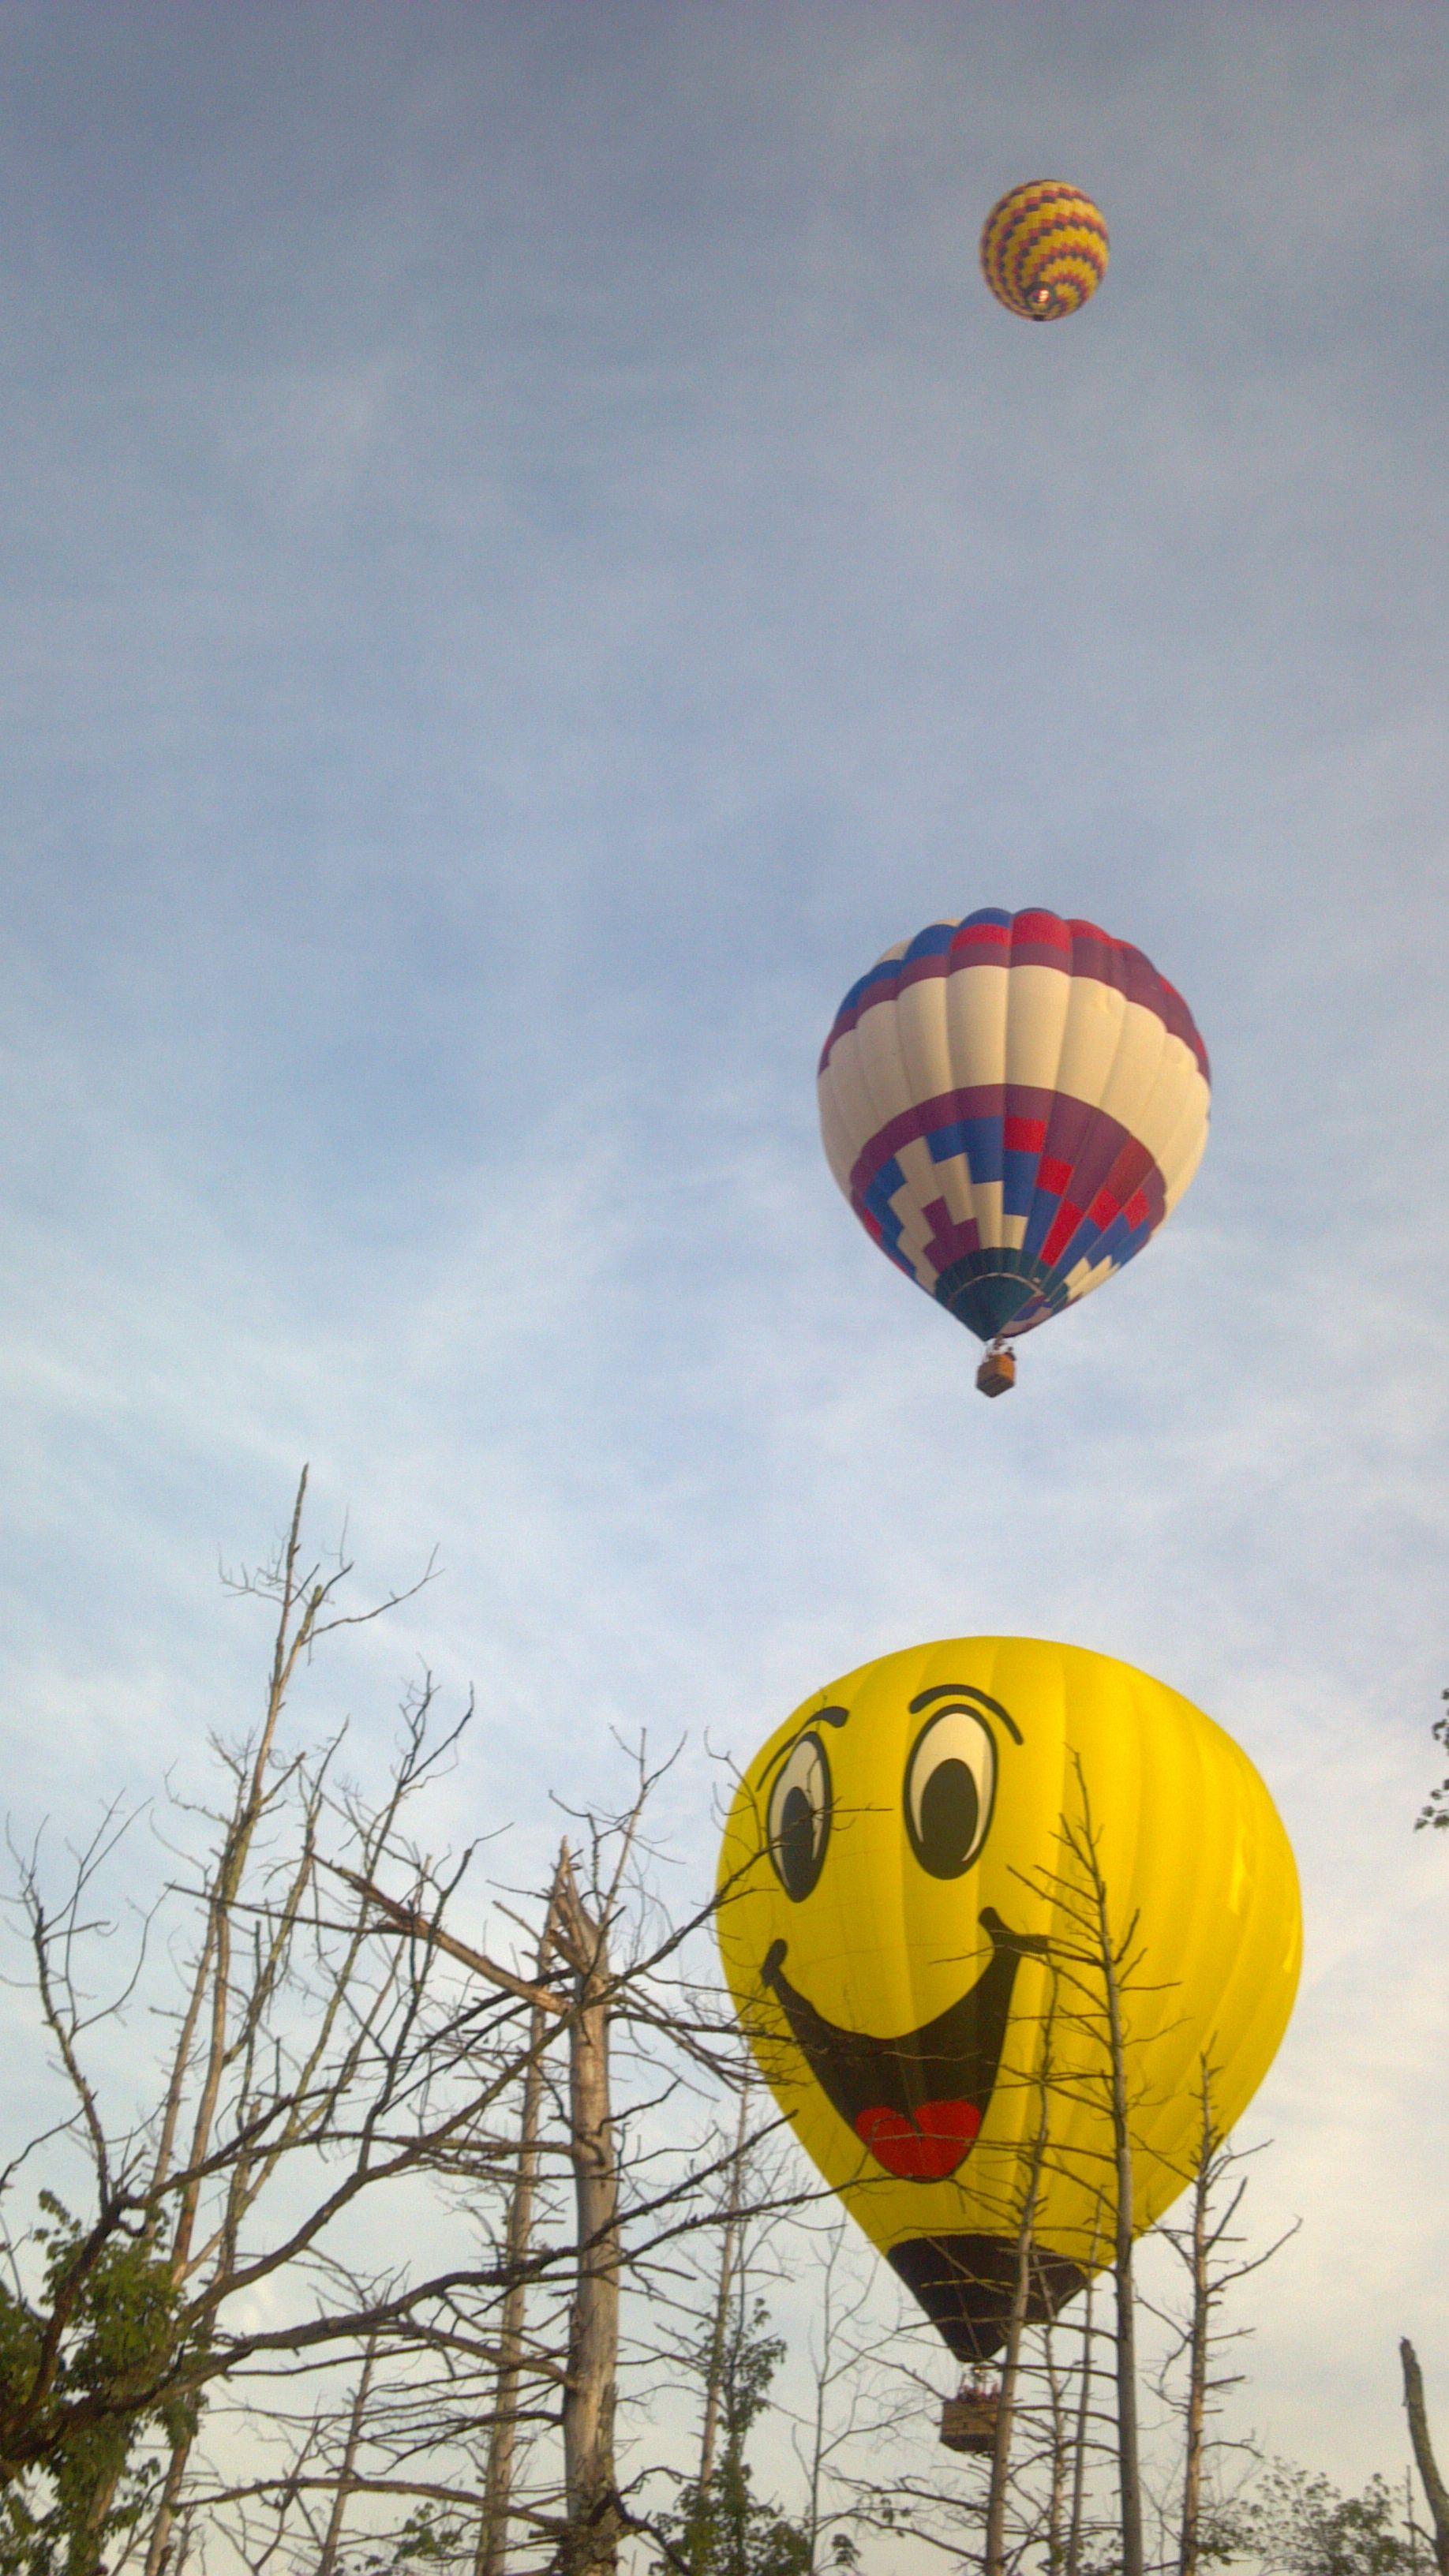 Hot air balloons in Derry, NH Balloon rides, Air balloon